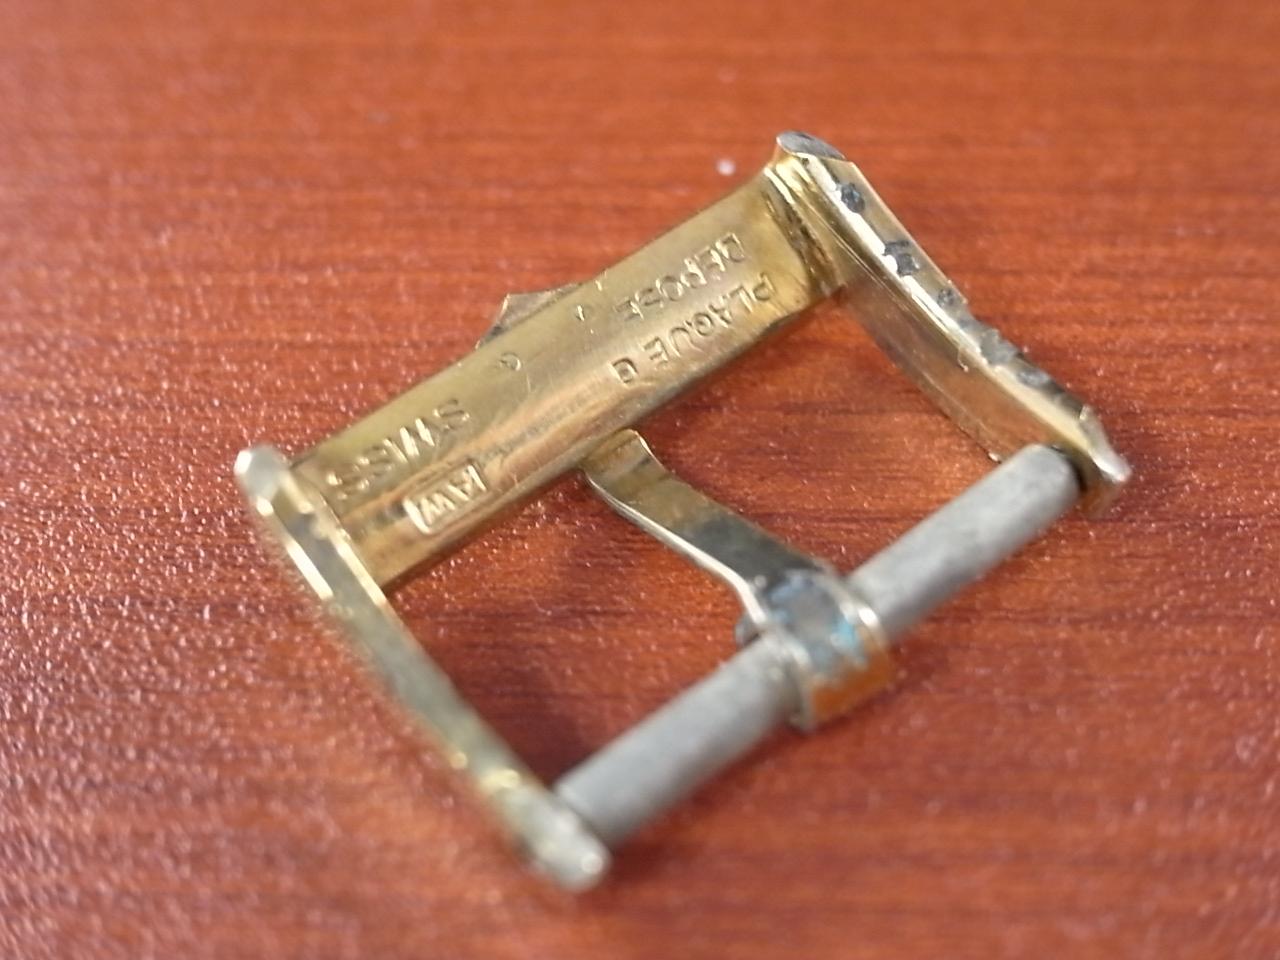 ユニバーサル アンティーク尾錠 GP 16mm 1950年代の写真4枚目